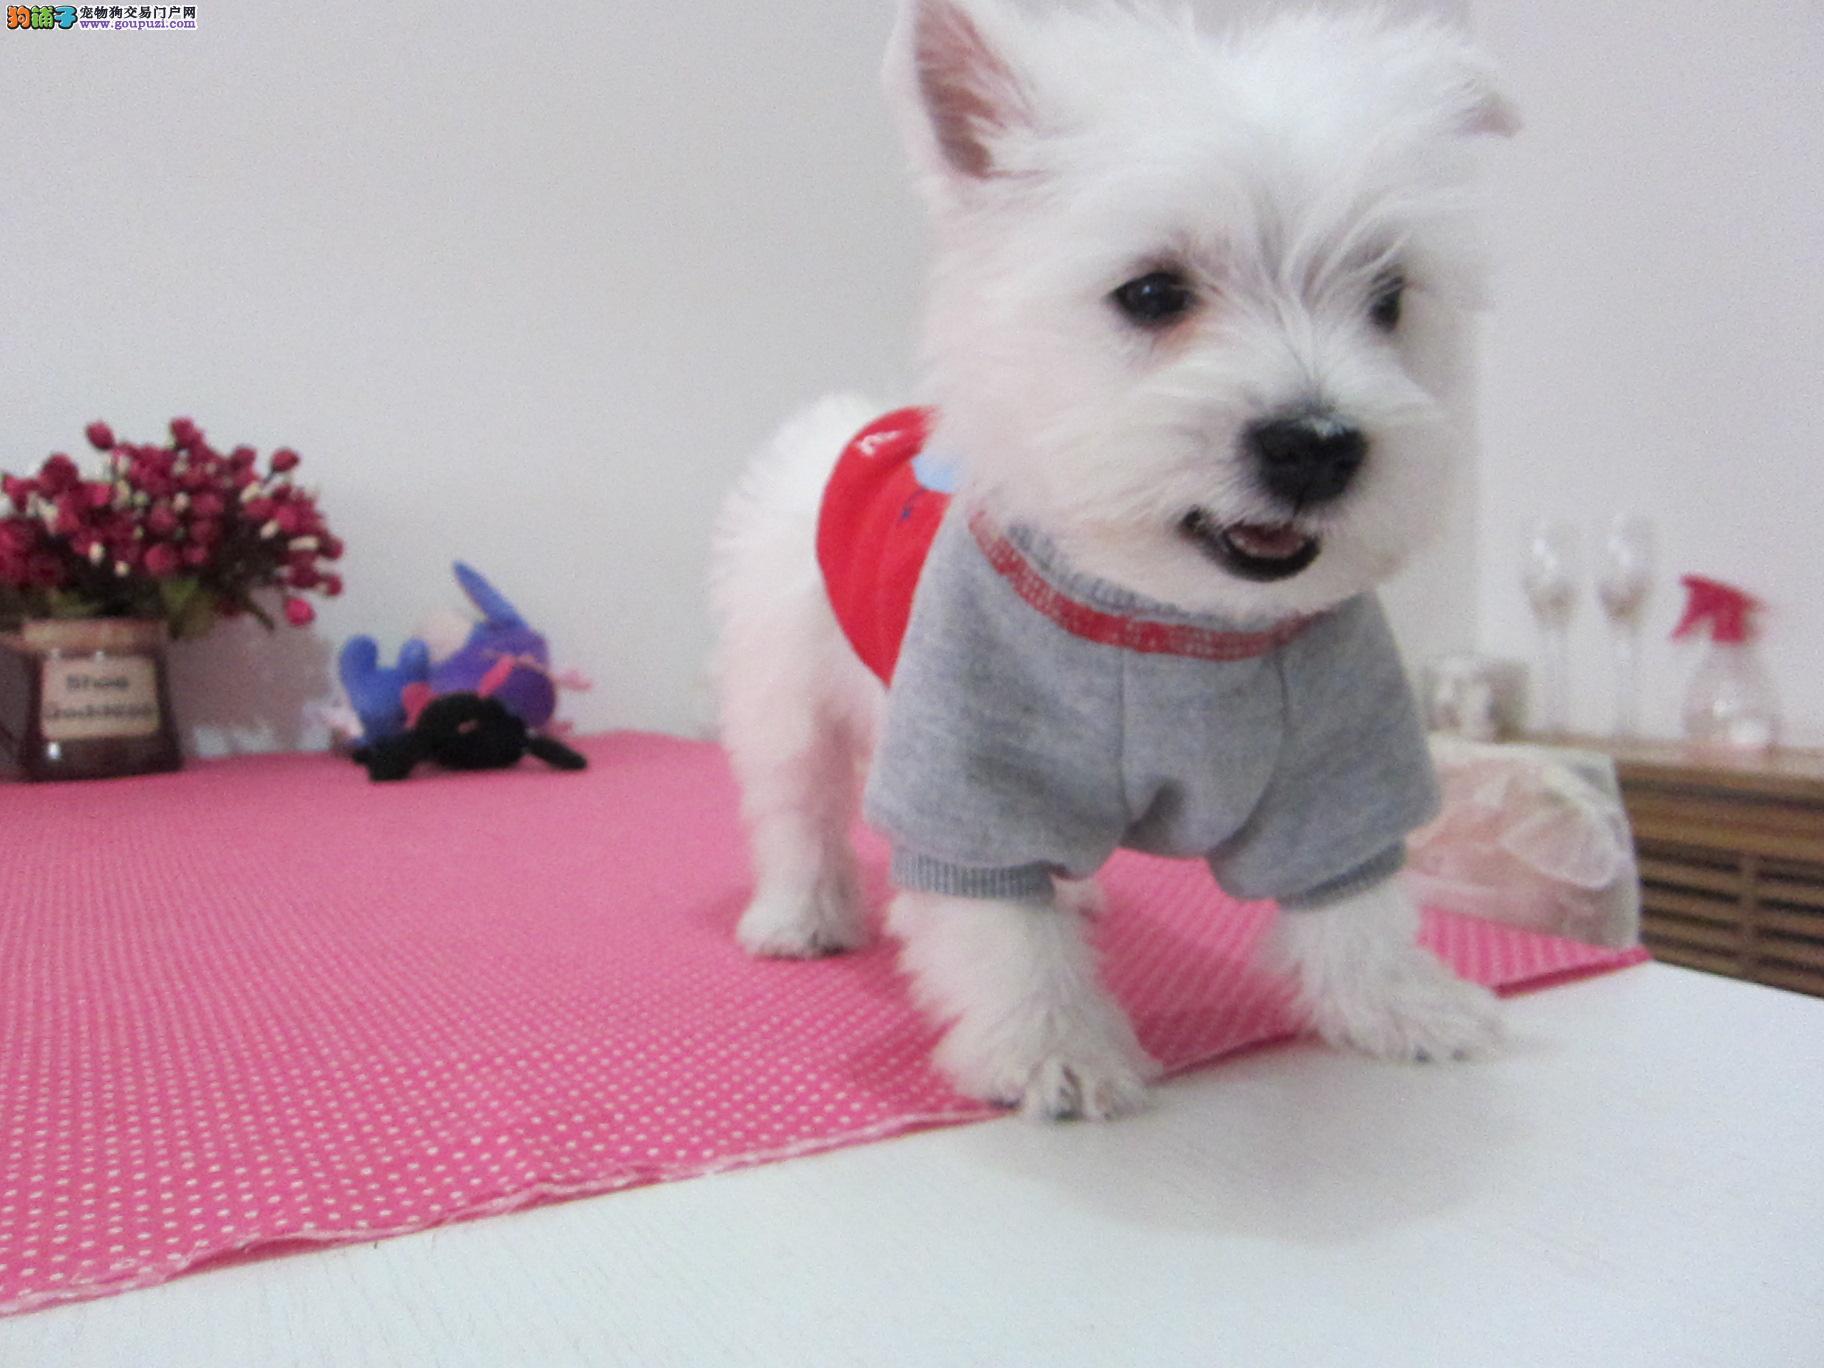 重庆知名犬舍出售多只赛级西高地终身售后送货